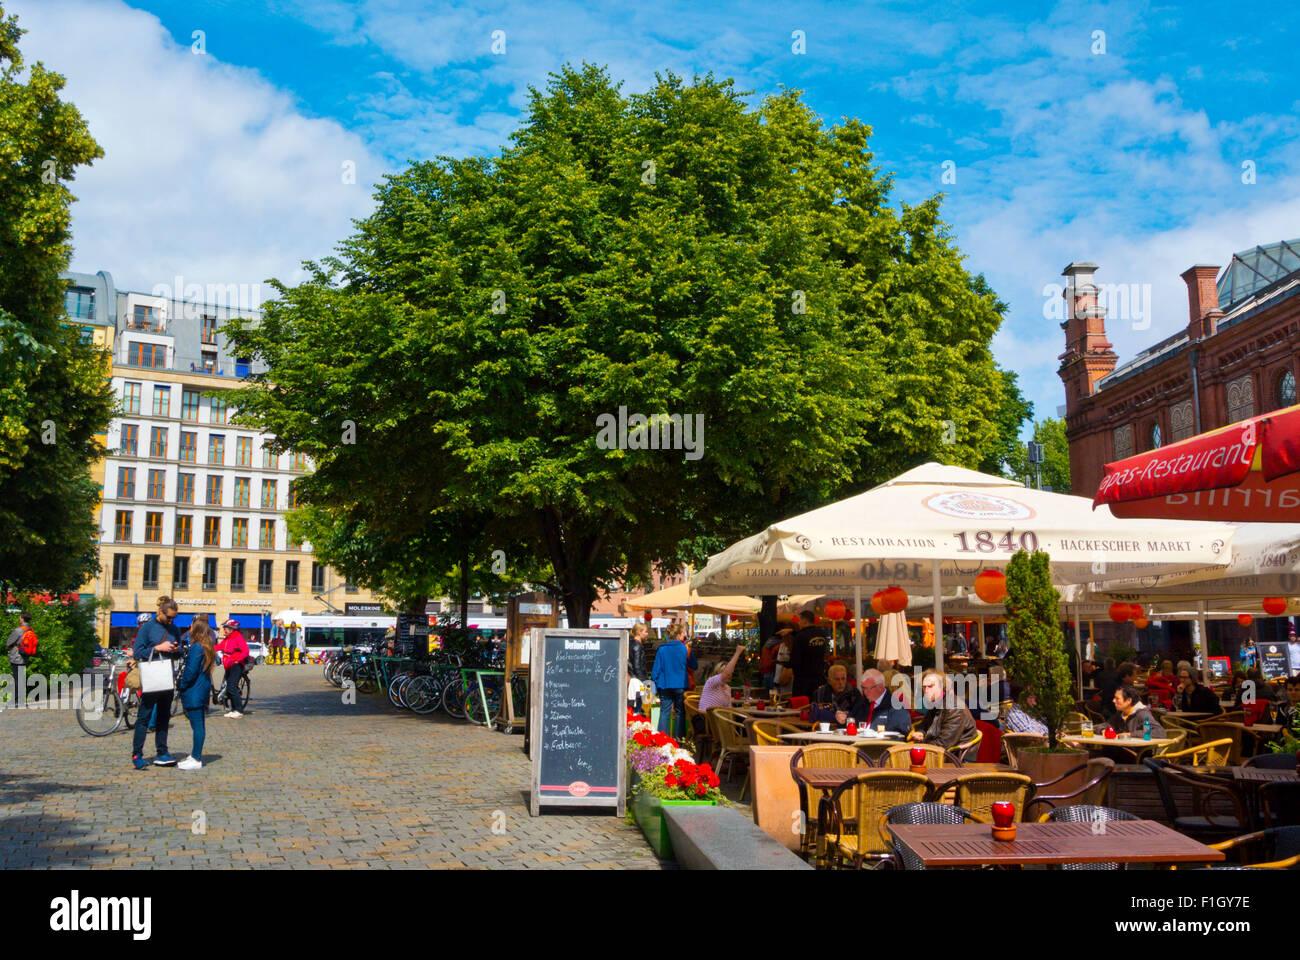 Neue Promenade, Hackescher Markt, Mitte, Berlin, Germany - Stock Image